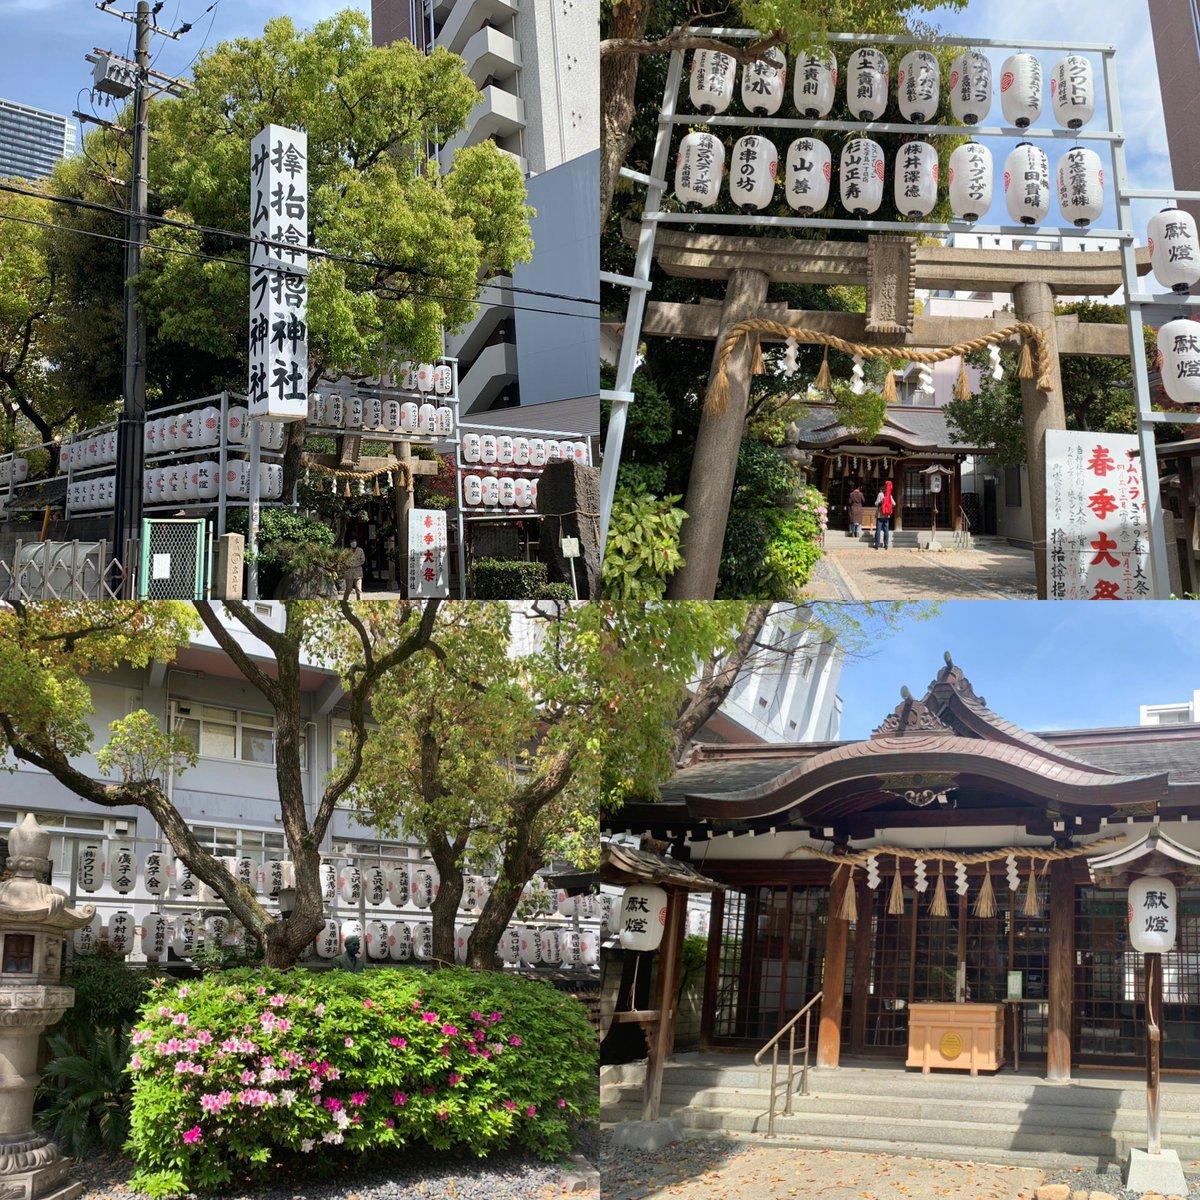 test ツイッターメディア - サムハラ神社 カタカナなのね 漢字だととても難しい ここの神社はとても参拝に来てる人が多かった https://t.co/qf0YdC6Gi4